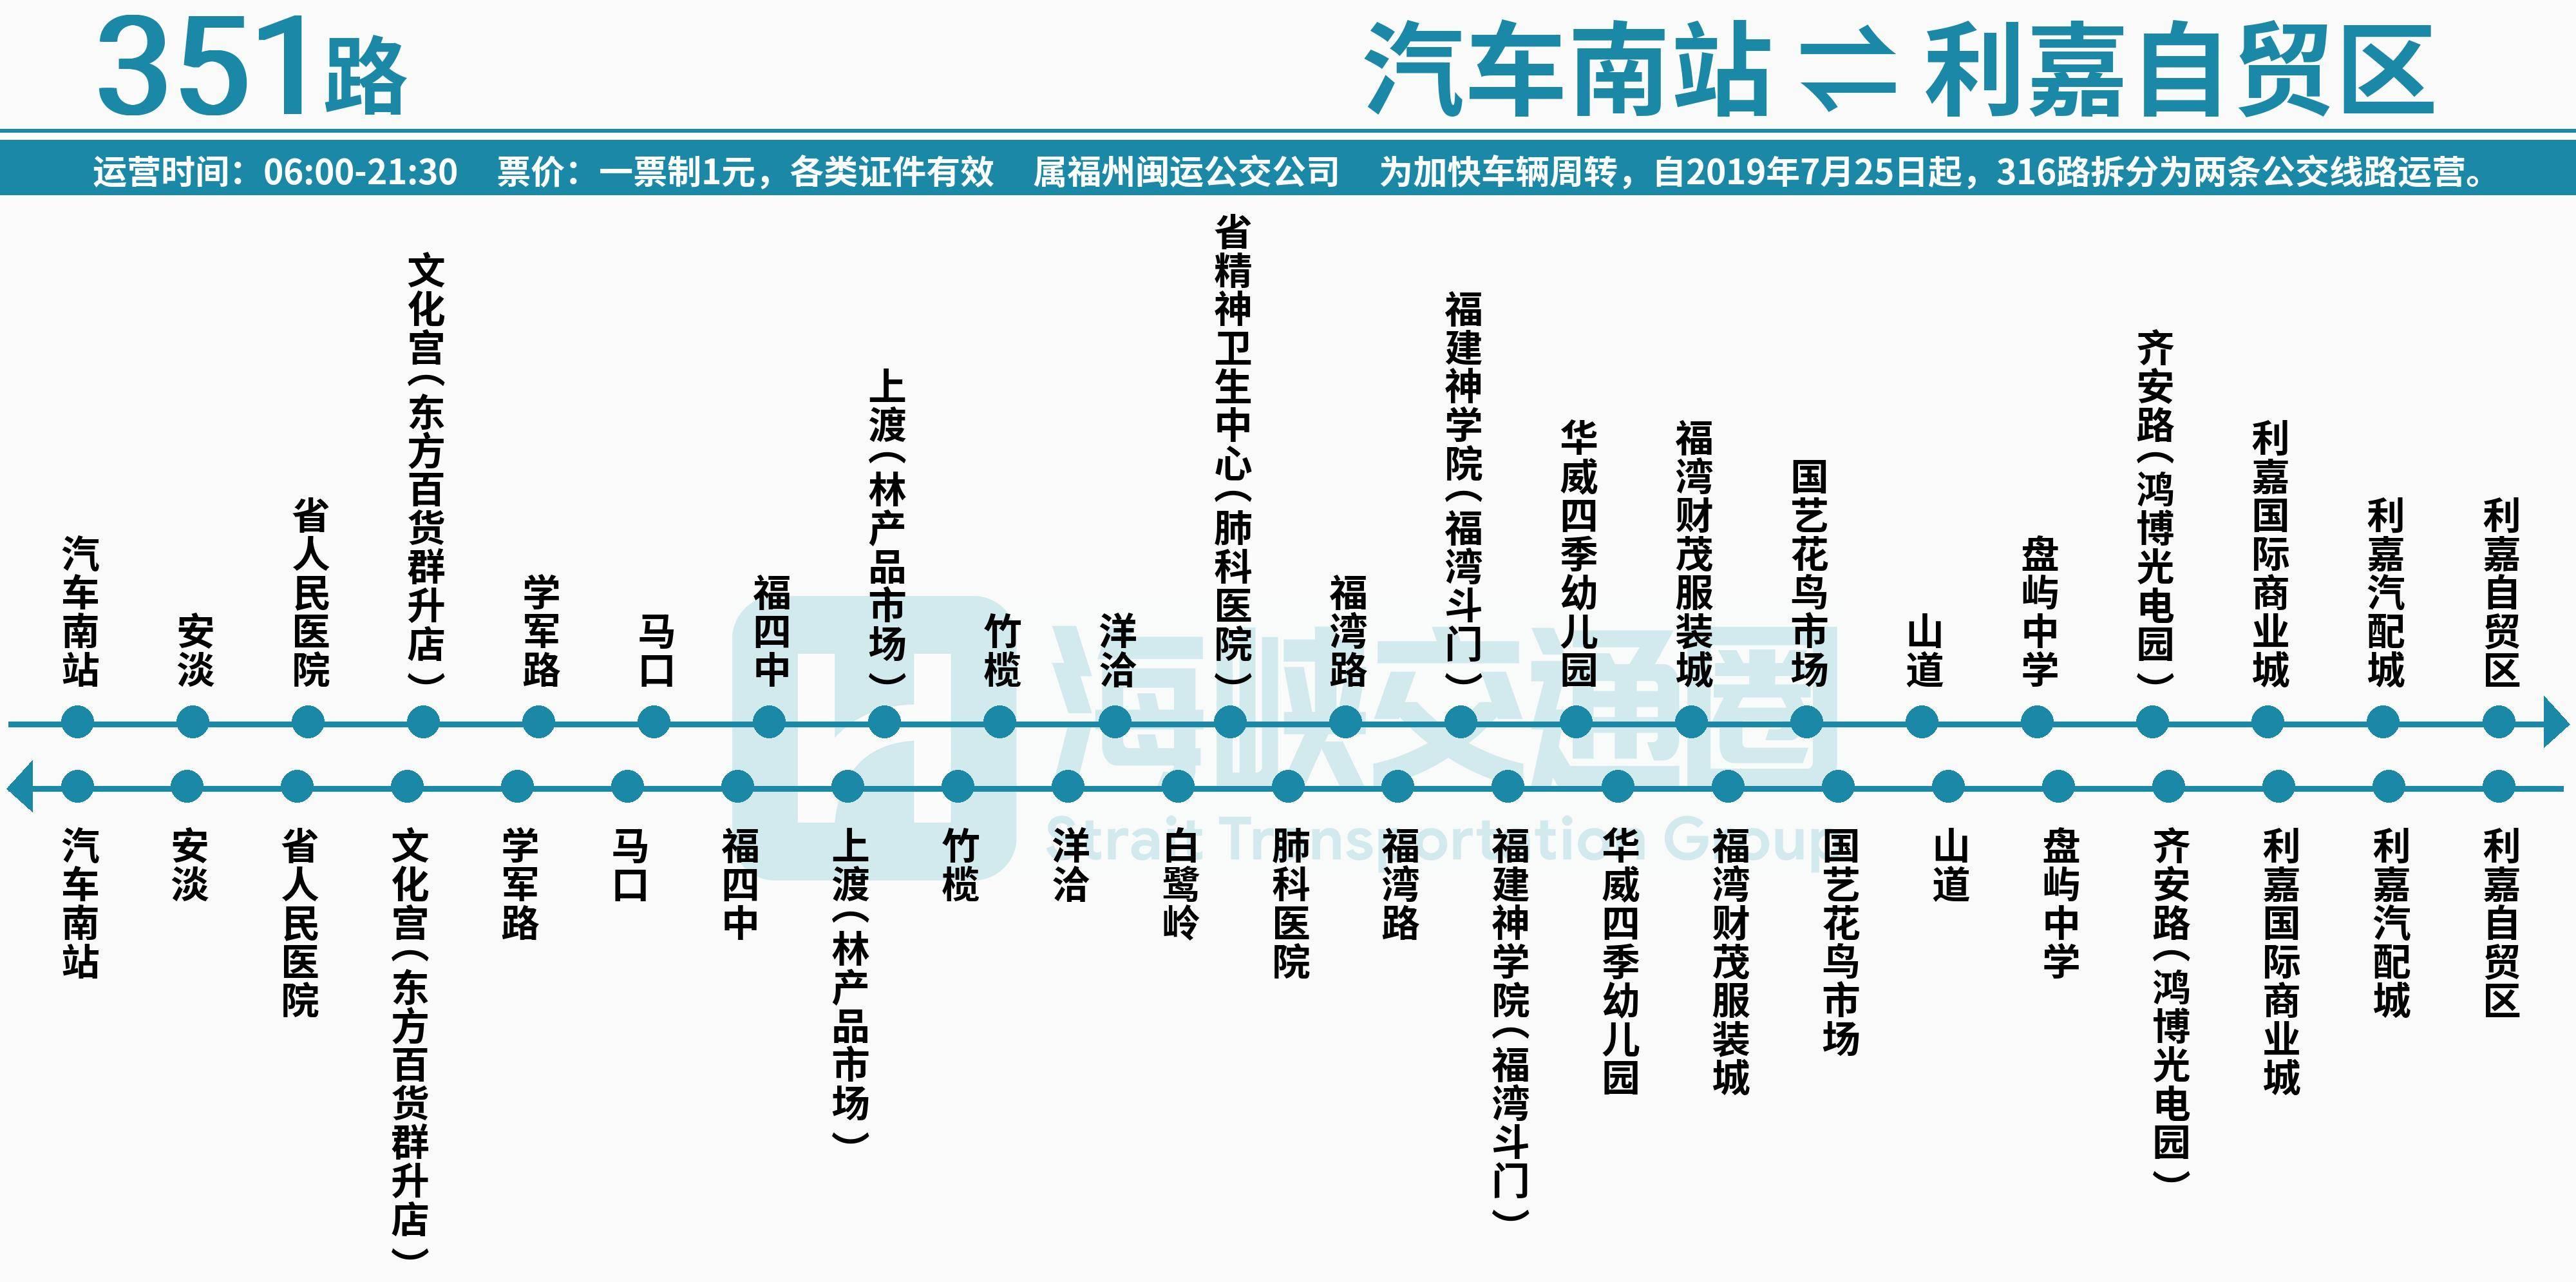 16-14-42-routemapfucker.jpg